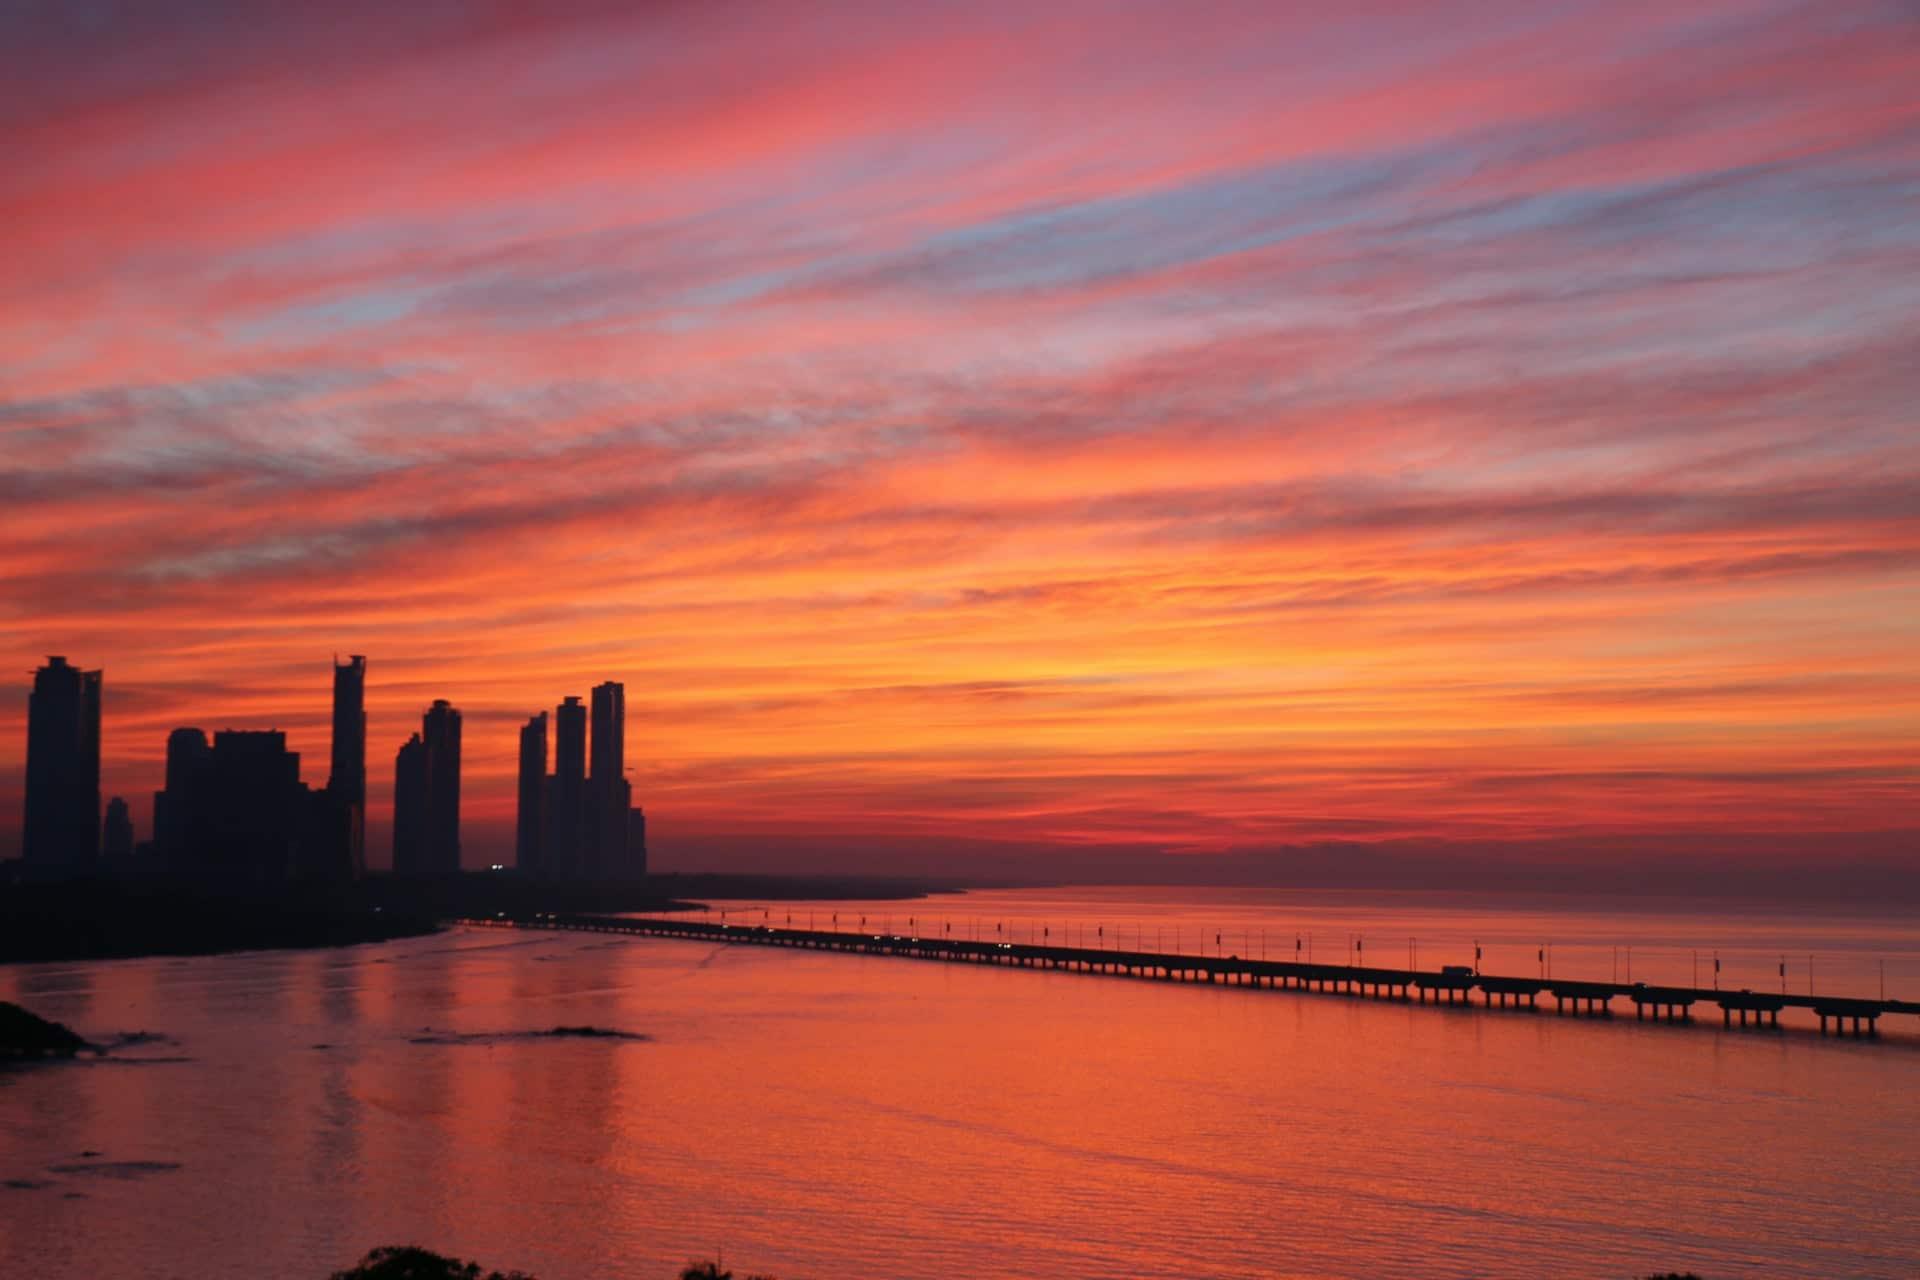 Panama sunset, Photo by Alejandro Carvallo on Unsplash